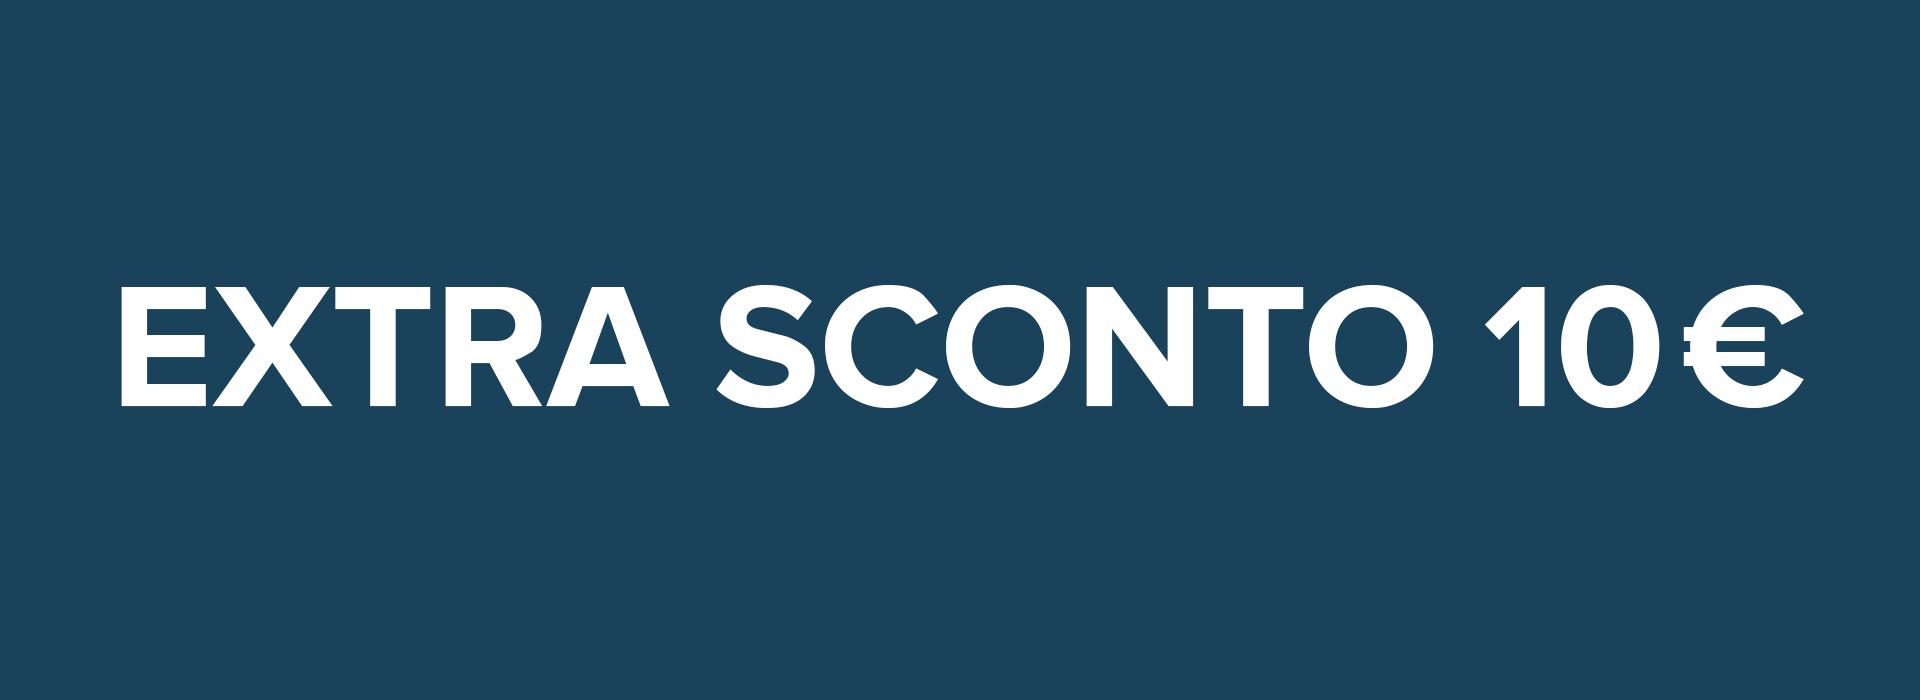 PROMOZIONE PRENOTA ONLINE: EXTRA SCONTO 10 €